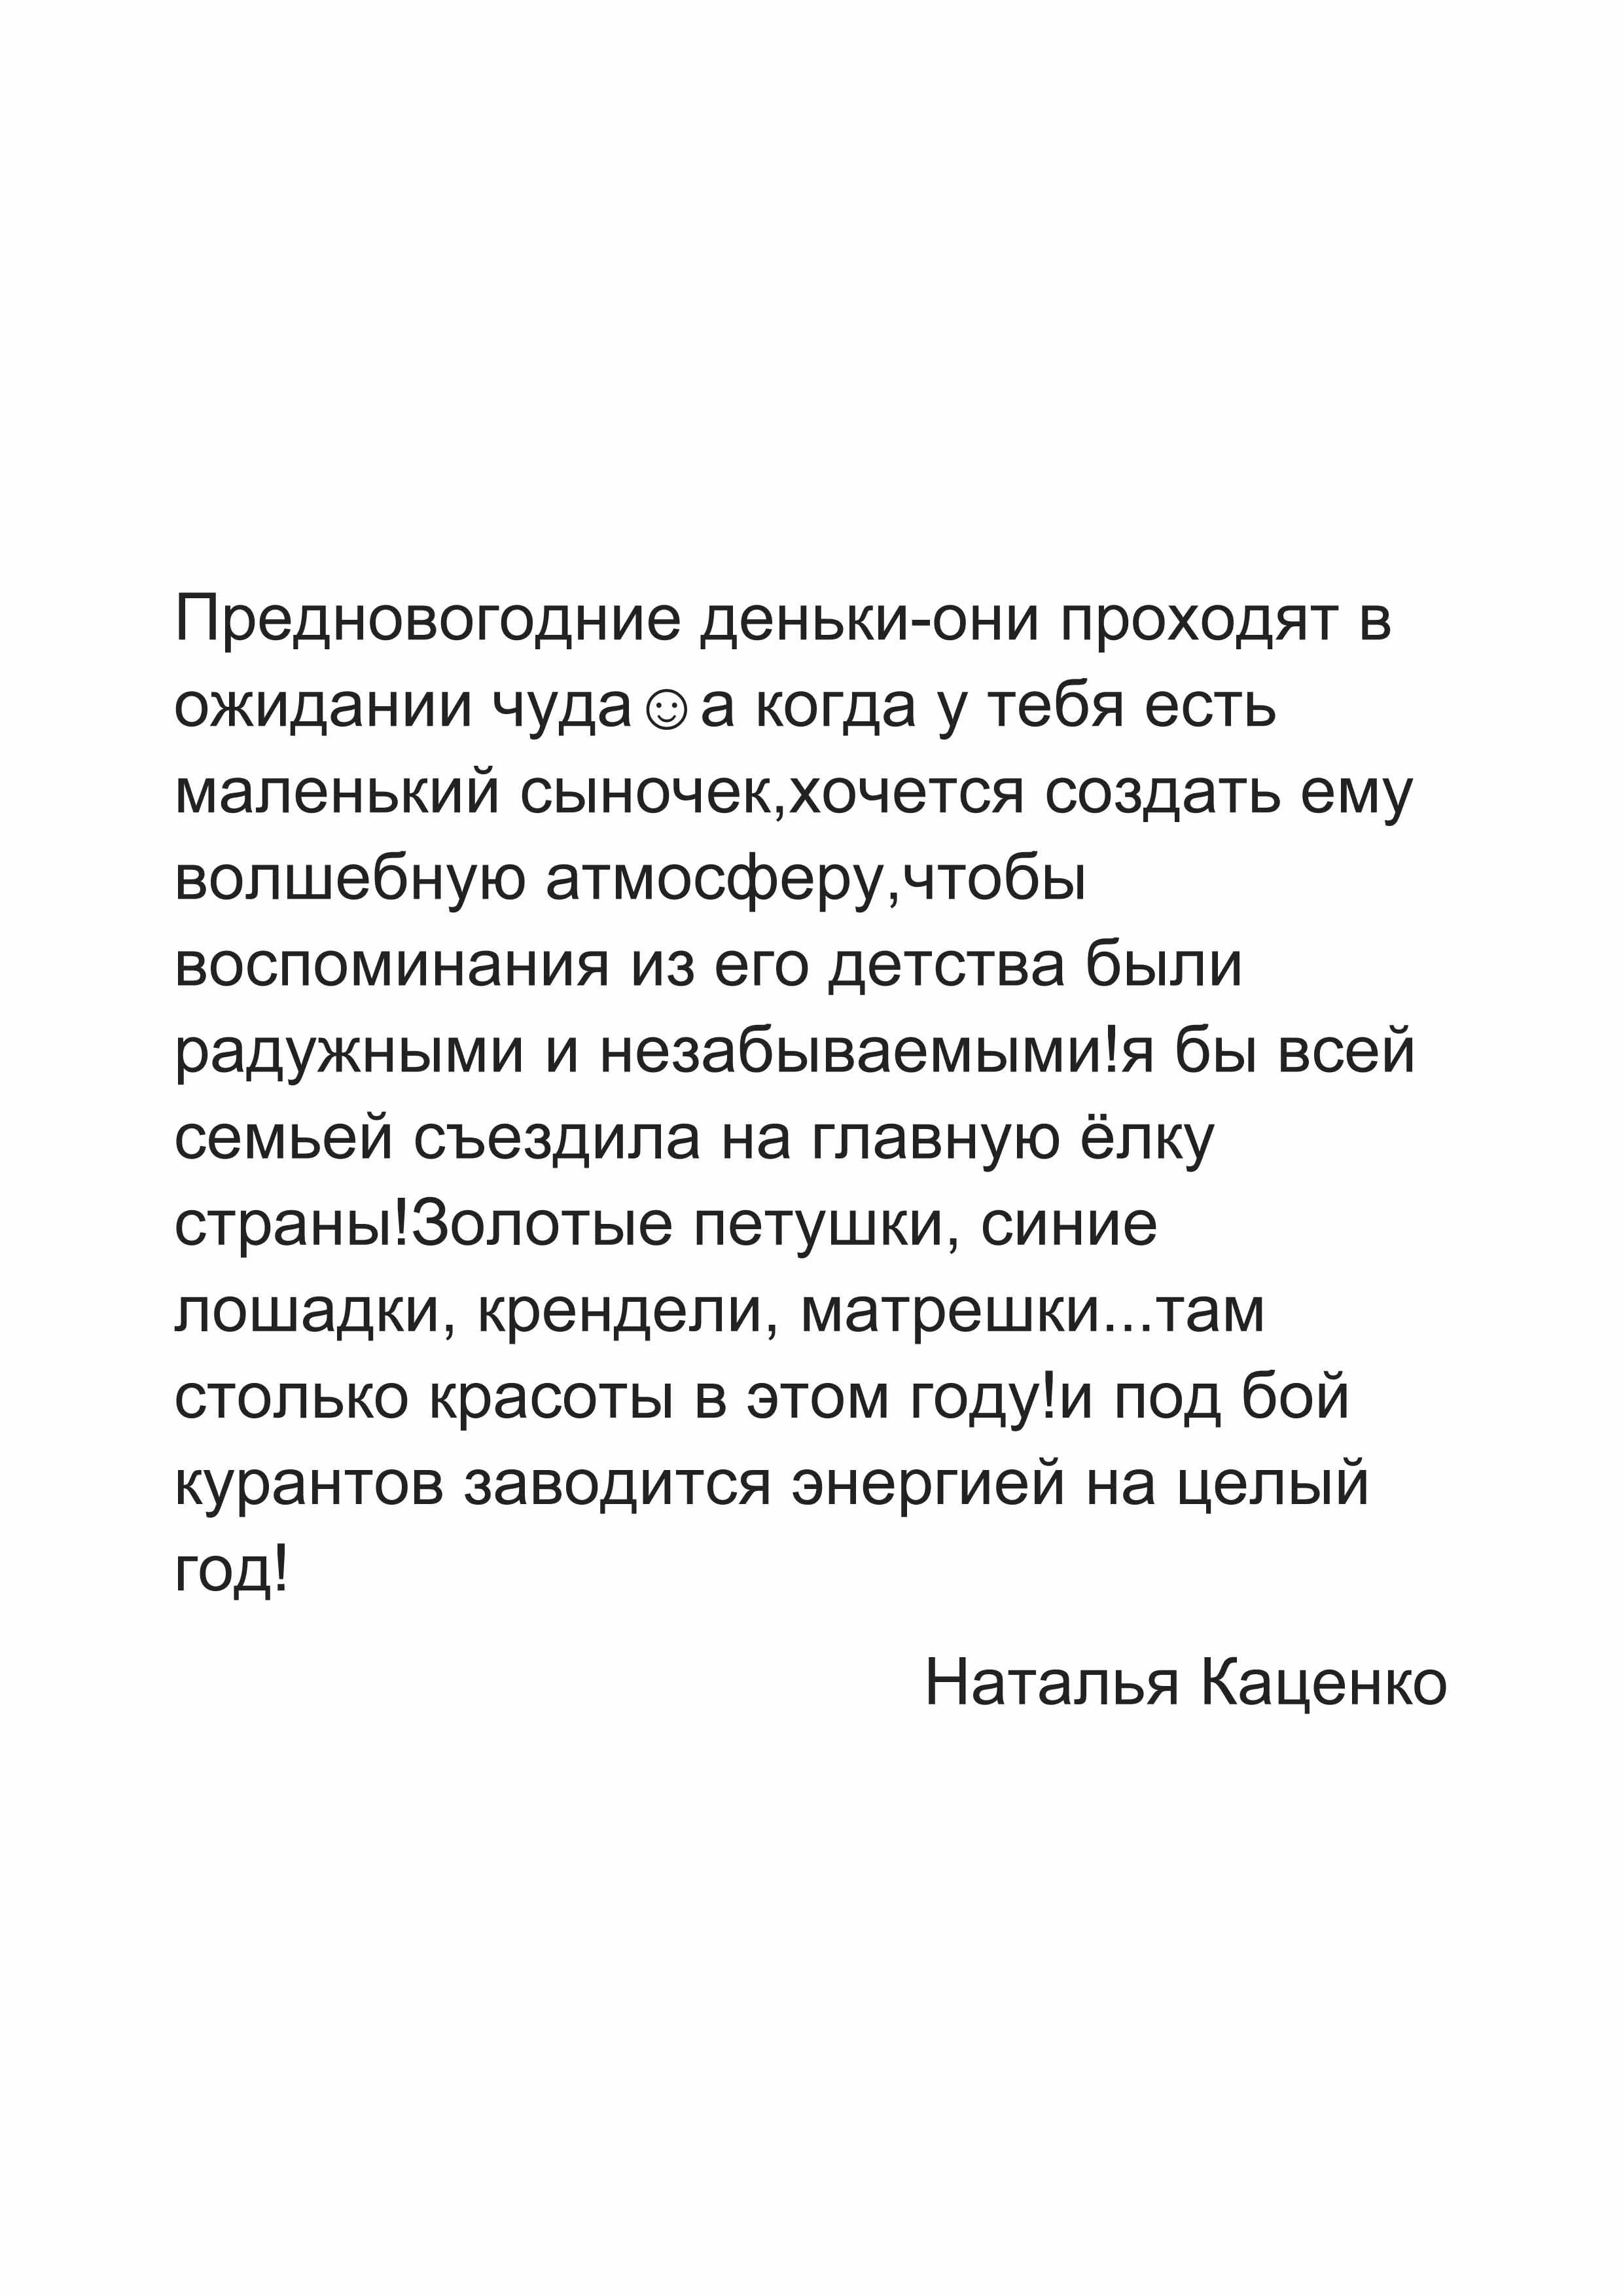 Наталья Каценко